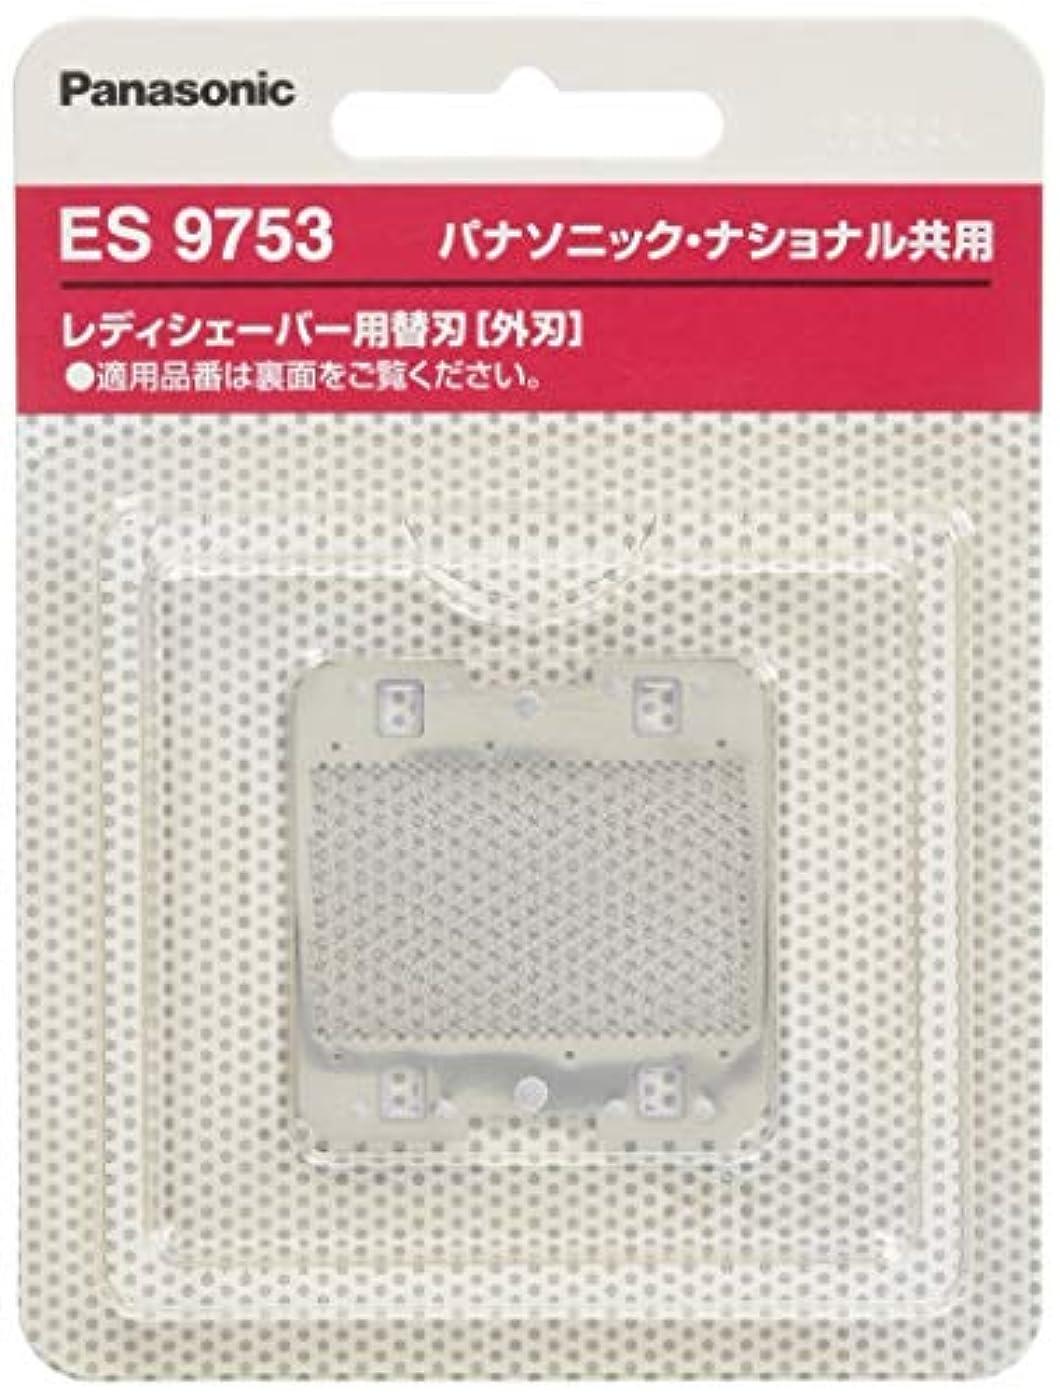 ジャーナリスト調和敬礼パナソニック 替刃 レディシェーバー用 ES9753